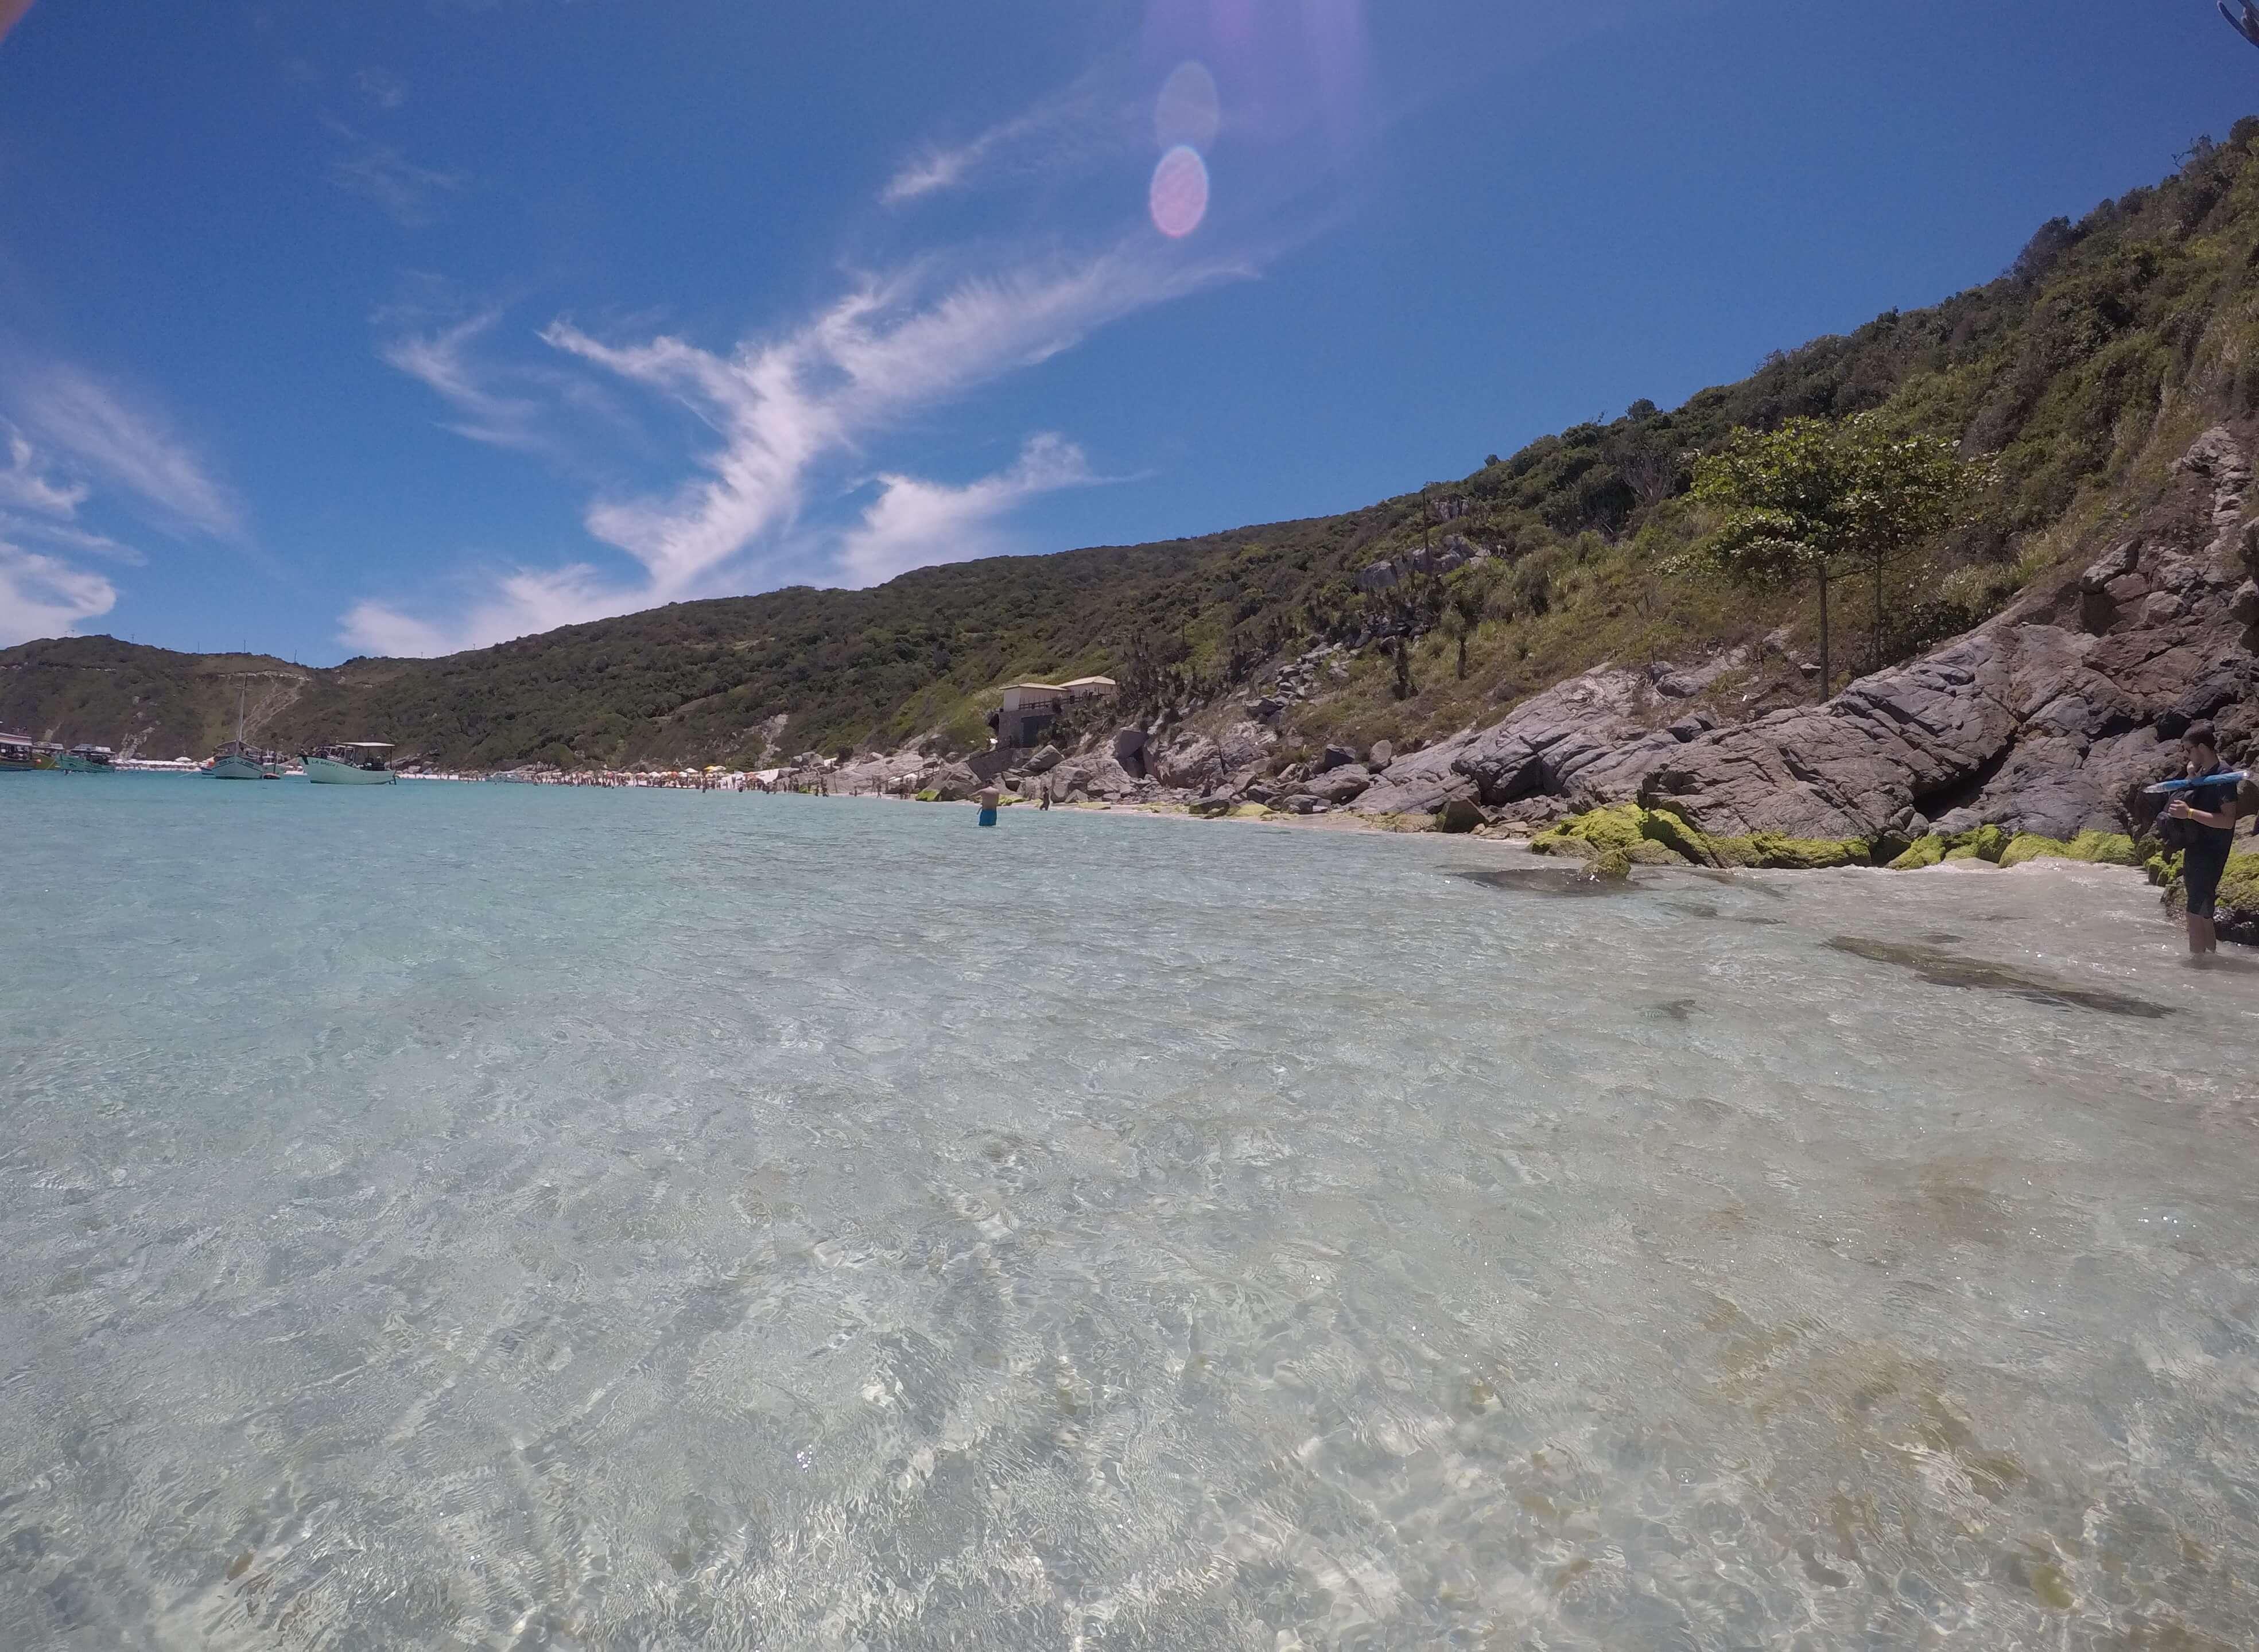 Prainhas do pontal do atalaia Arraial do Cabo